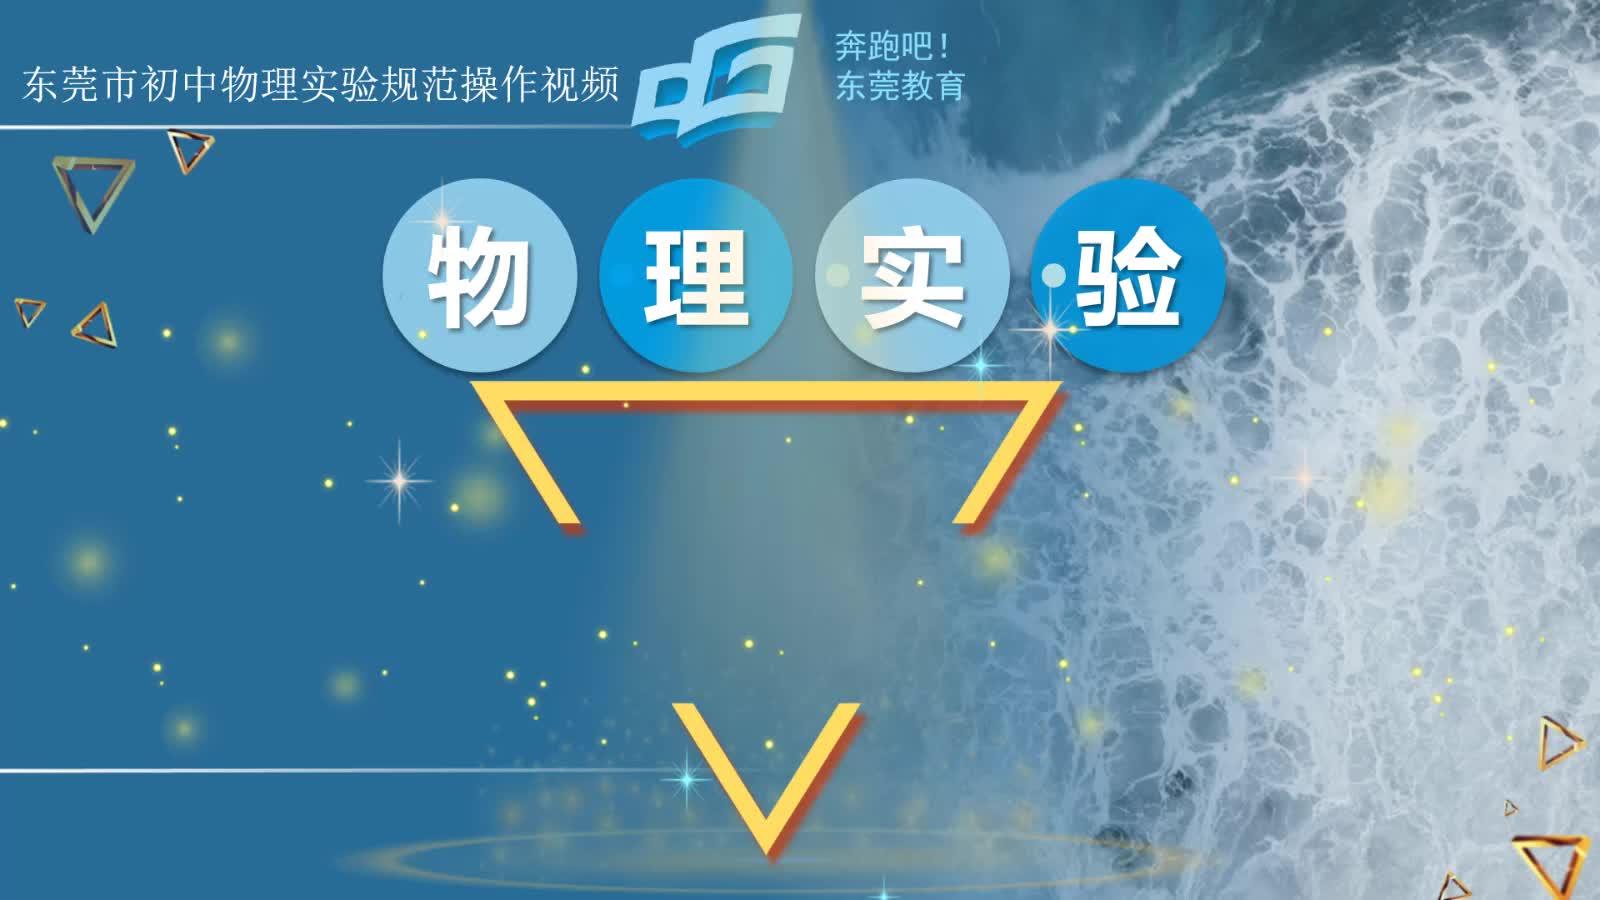 实验13:探究电流与电阻的关系 2021年广东省东莞市中考物理实验规范操作视频